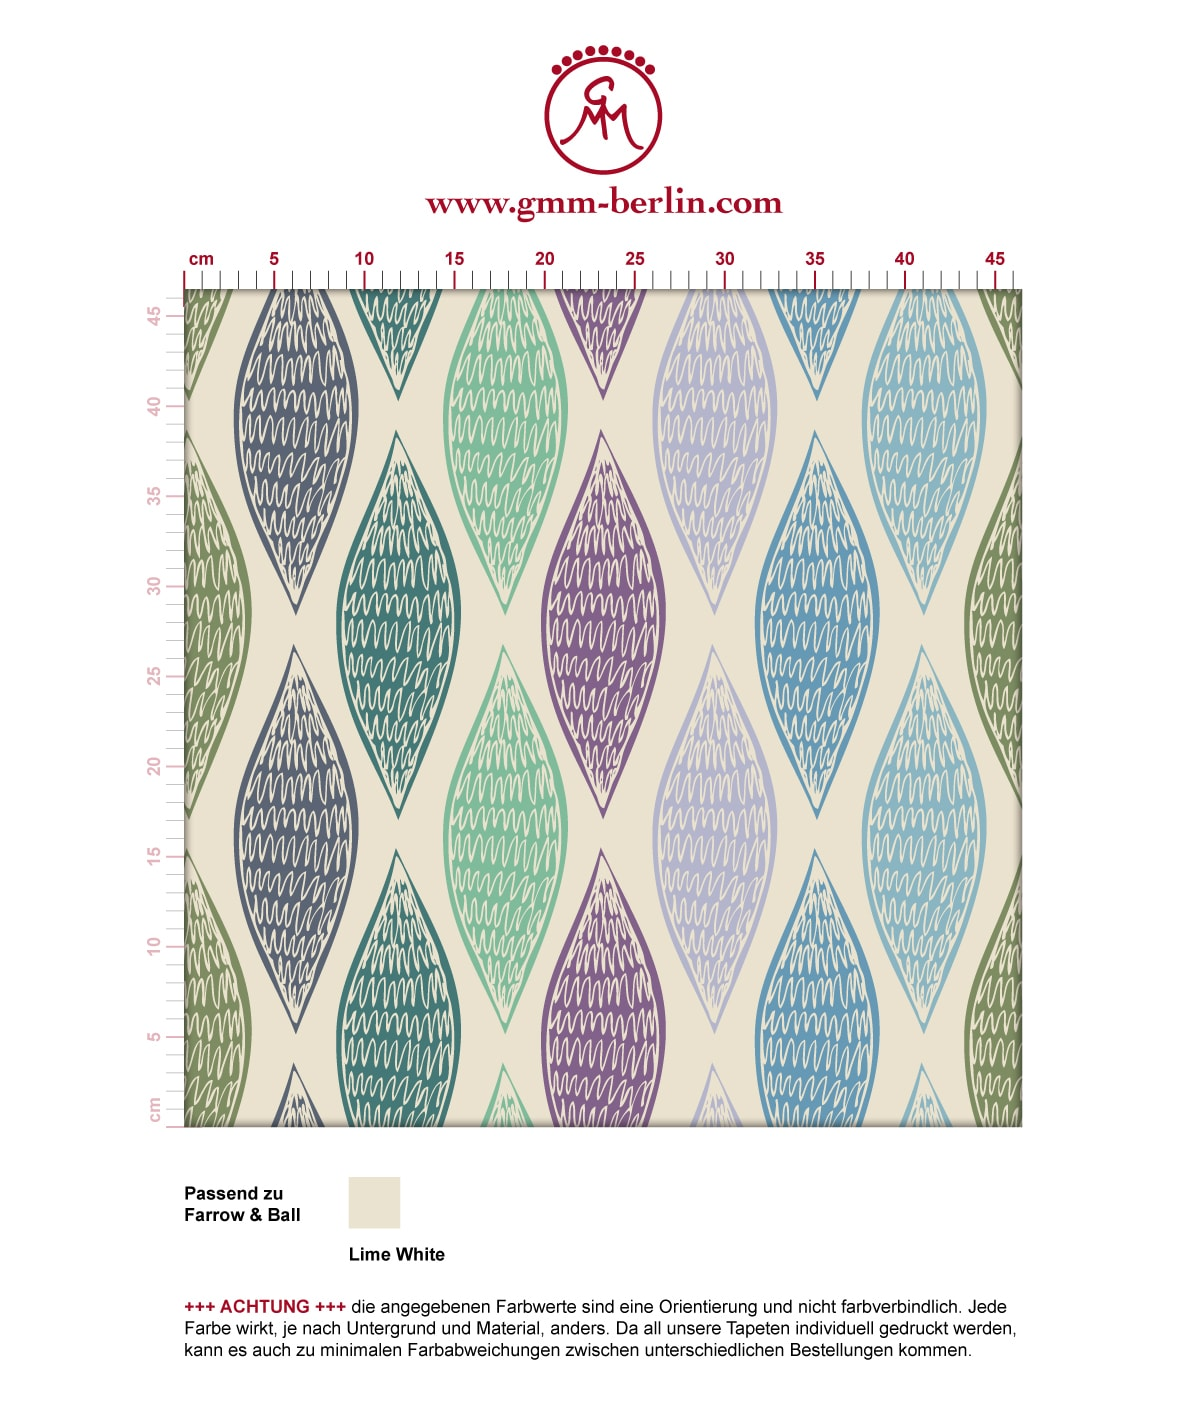 """Grüne moderne Designer Tapete """"Regenbogen Waben"""" mit bunten Farben angepasst an Farrow and Ball Wandfarben 3"""